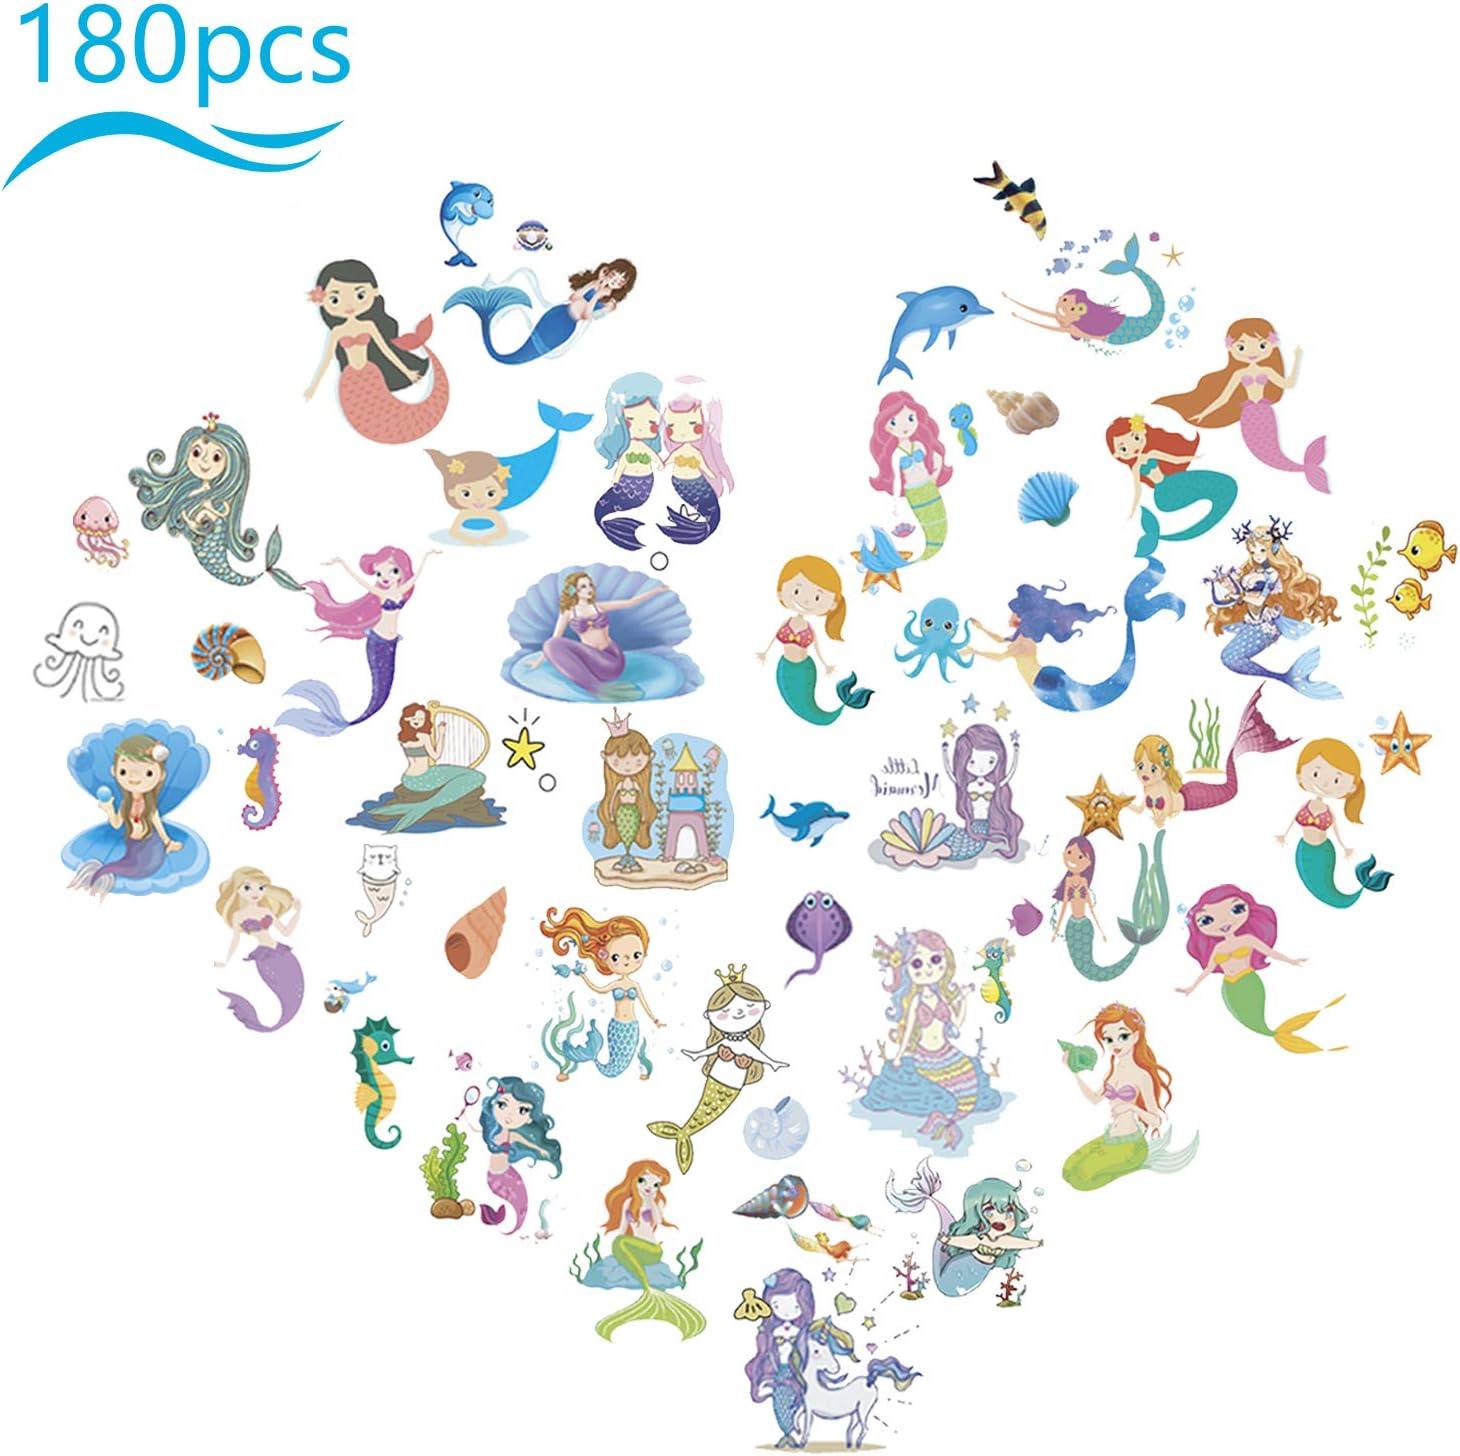 ZERHOK 12Stk Meerjungfrau Leuchten Armb/änder mit 10tlg Mermaid Tattoos mitgebsel Silikonarmband f/ür M/ädchen Kinder Geburtstag Geschenke Meerjungfrau Party